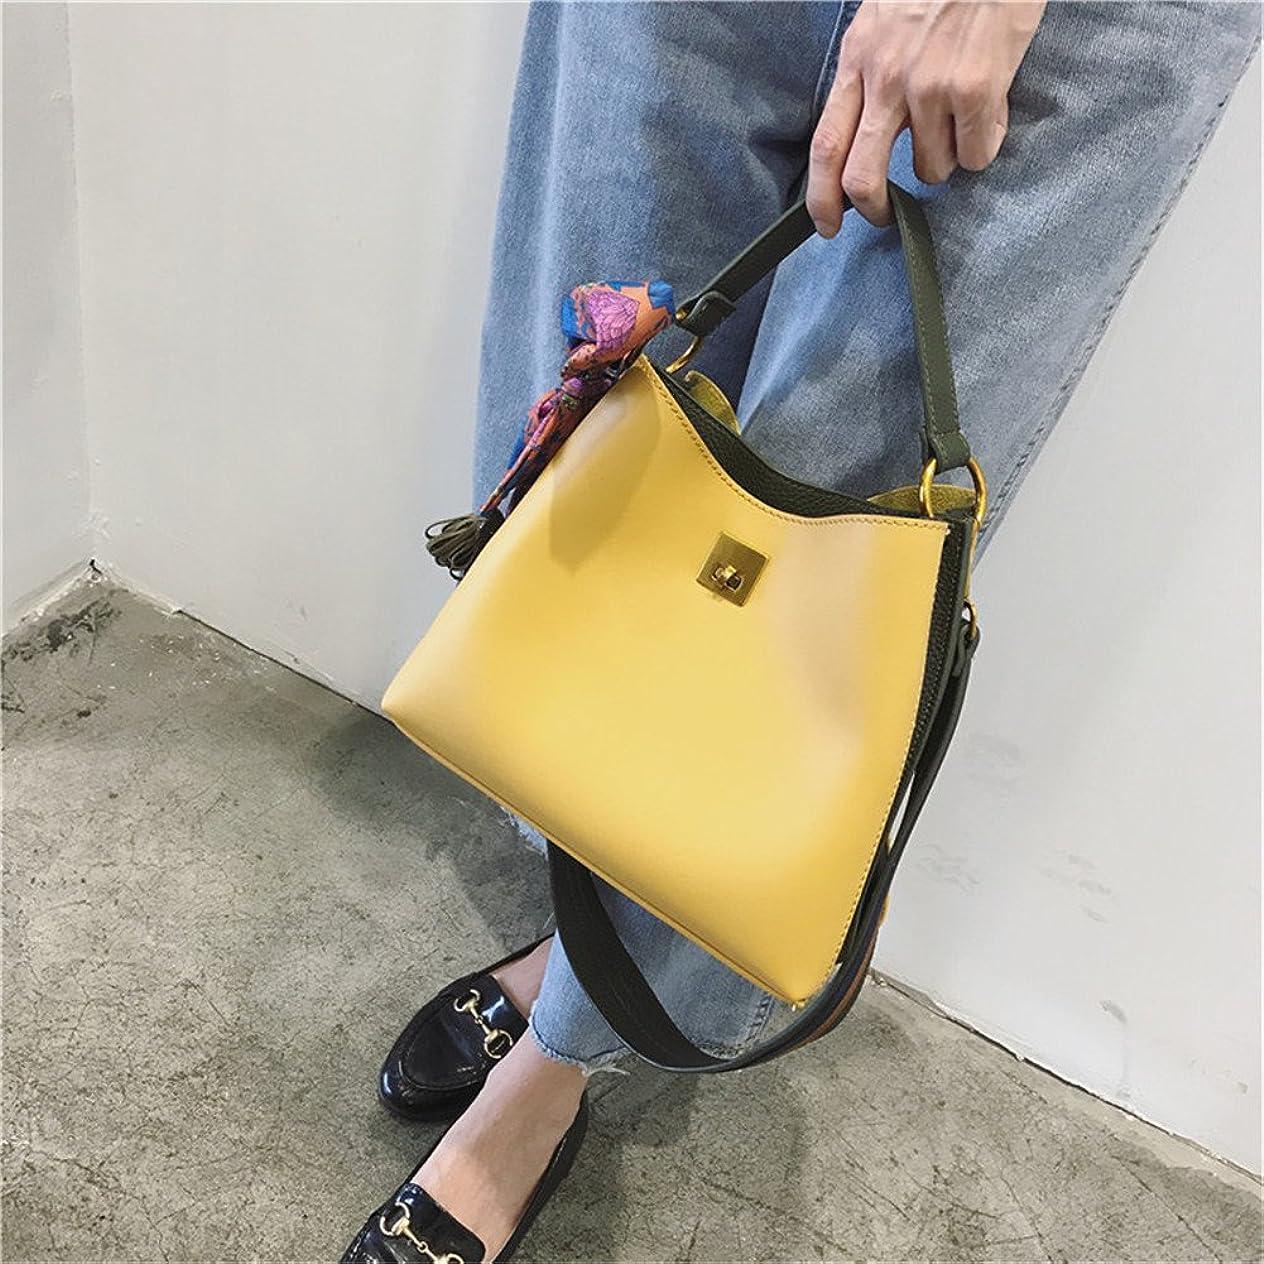 外国人ギャングスター死ぬ女性のための女性のバッグのハンドバッグのハンドバッグ2017新しい波パケットメッセンジャーバッグレディース